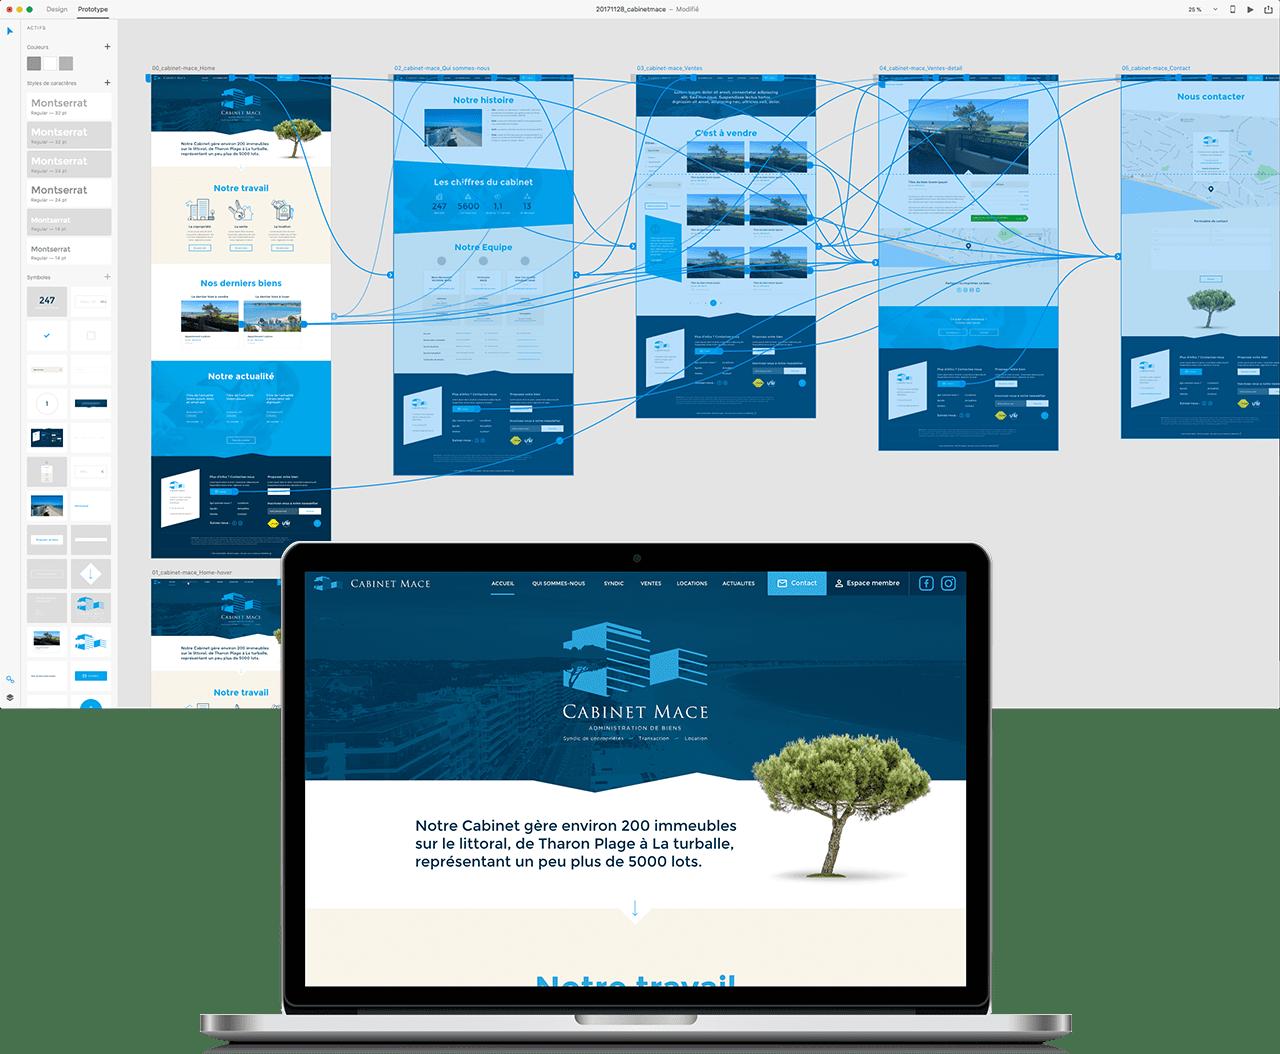 Image des étapes de conception ergonomique du site web étude de cas cabinet macé